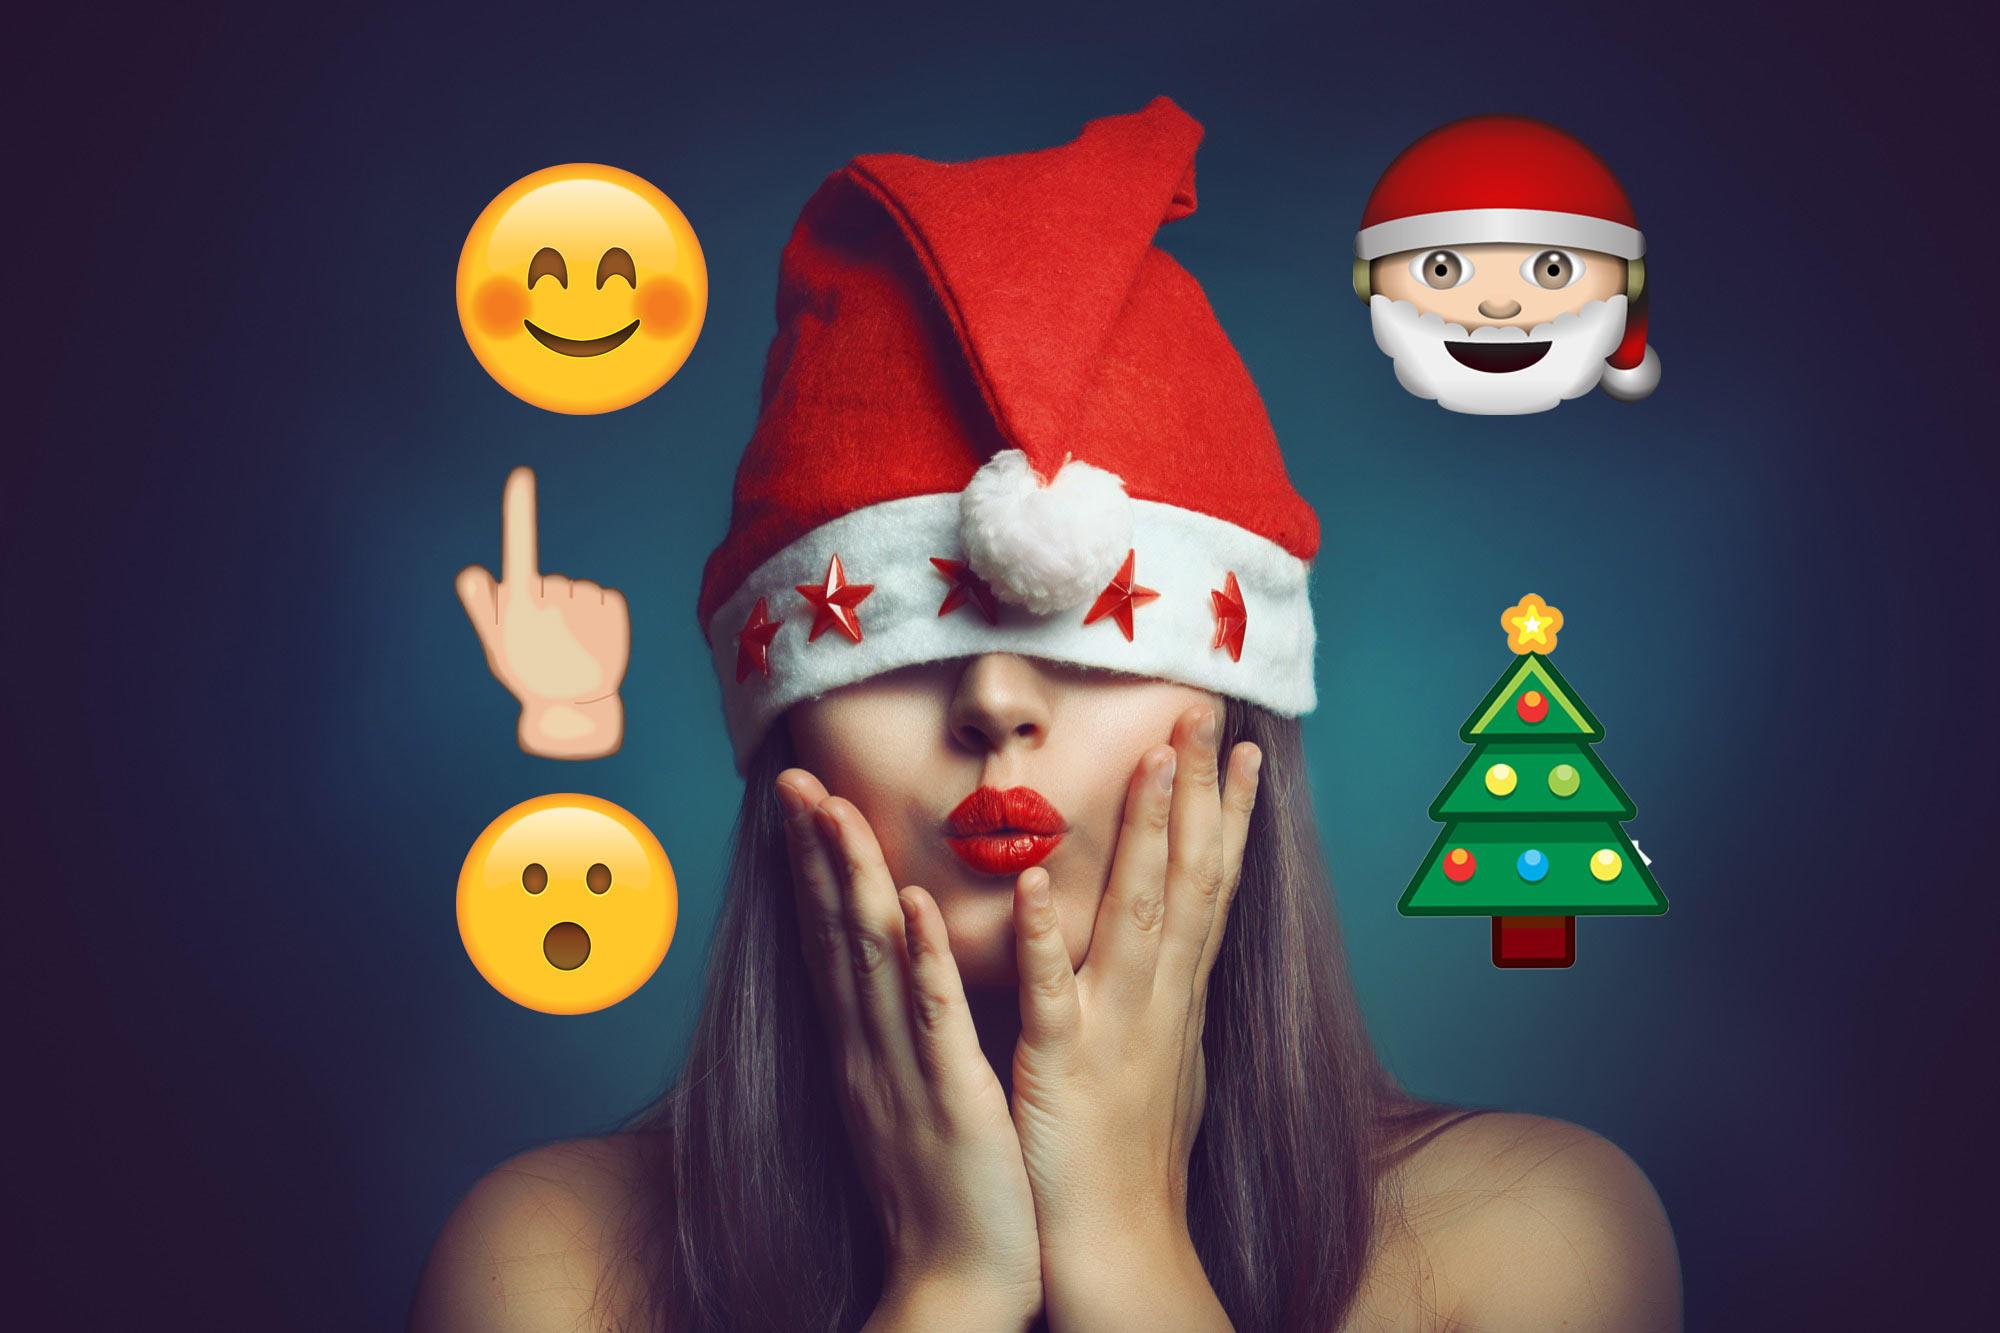 Emoji Weihnachtslieder: Frau Mit Weihnachtsmütze